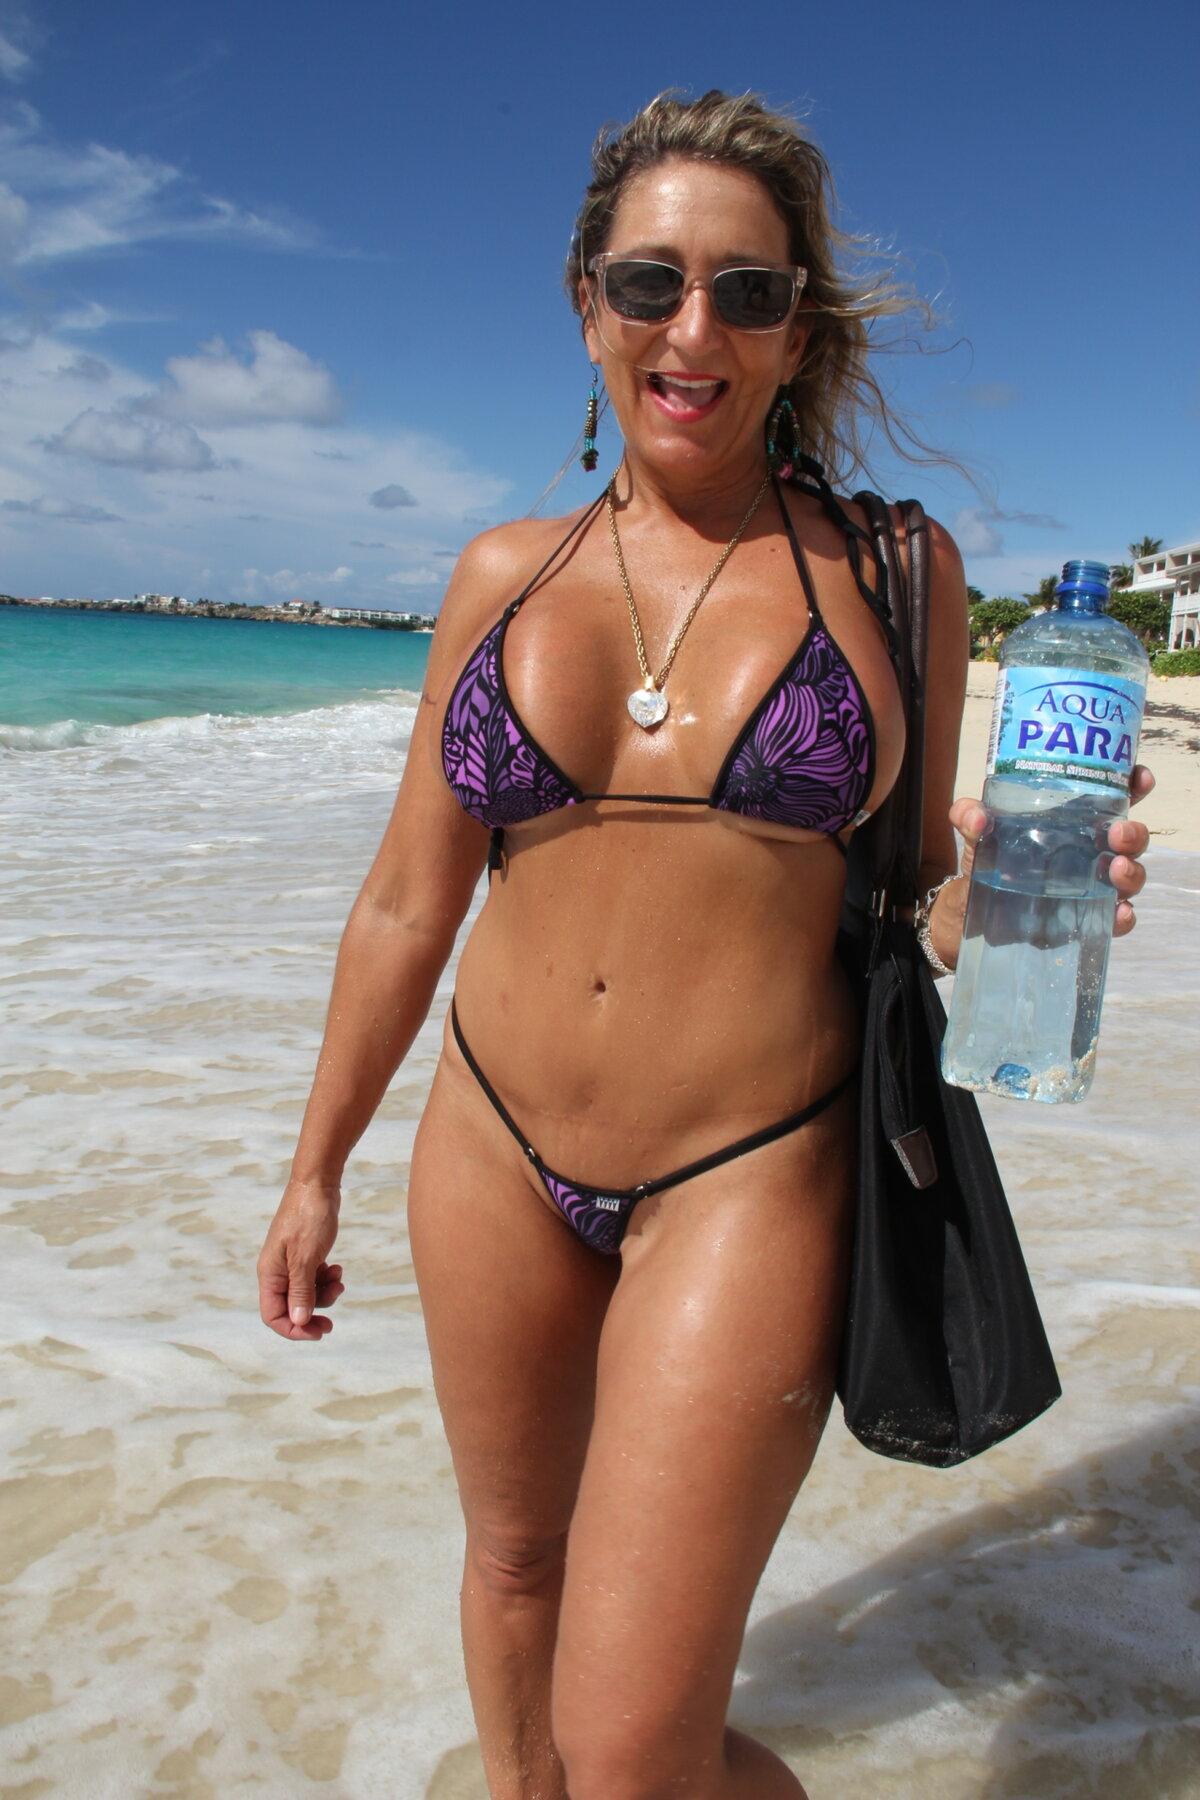 фото на пляже частное в микро наслаждением прикоснулась